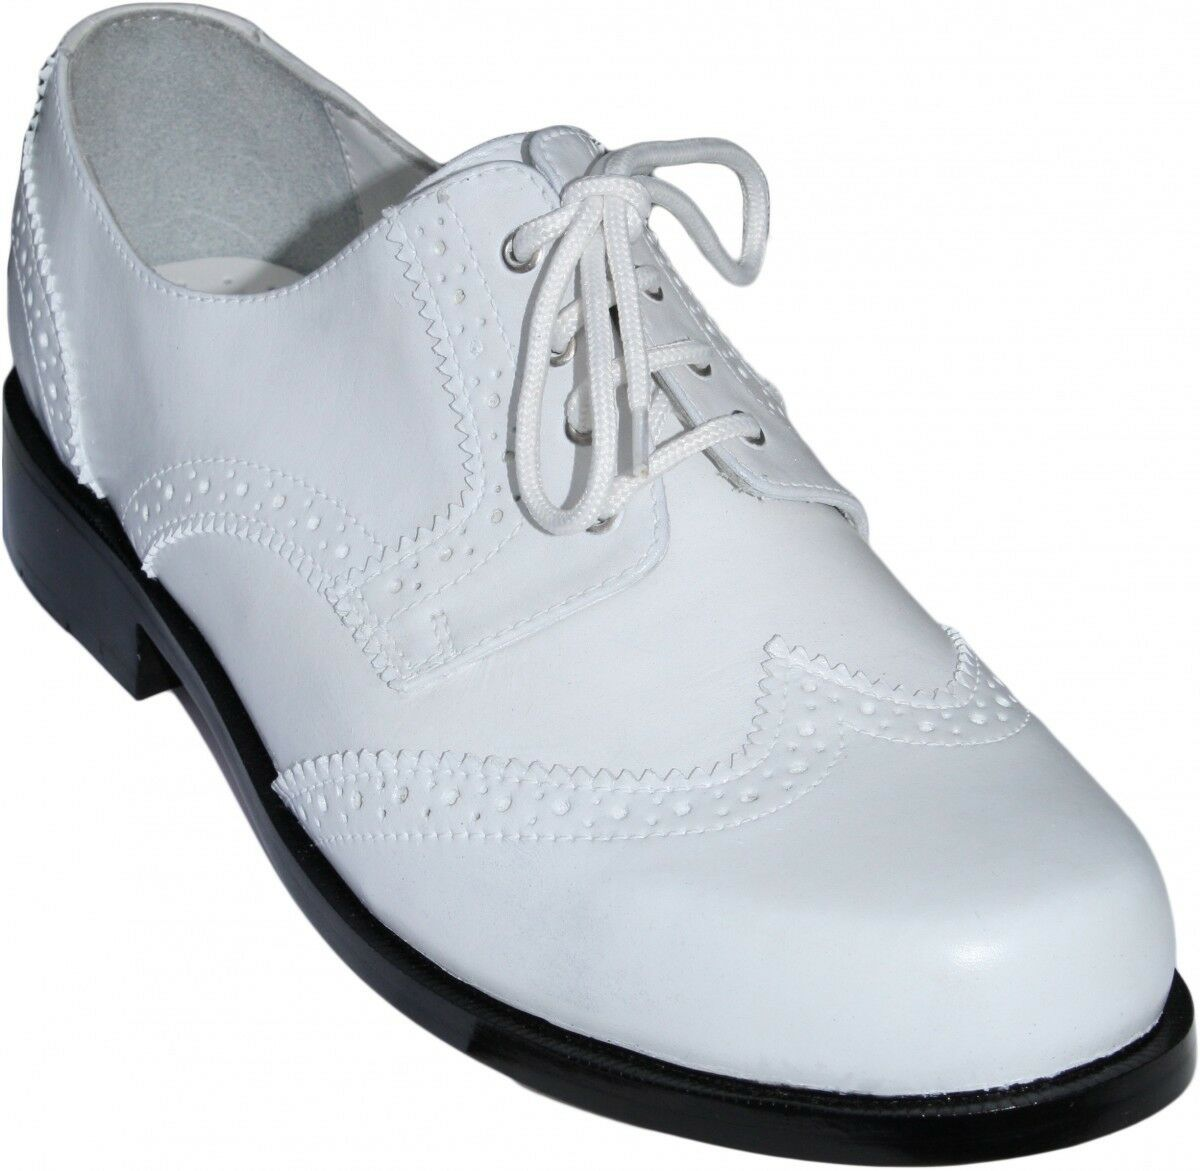 Business-schuhe Brogue Weiß Derby Lederschuhe Ledersohle Schuhe Weiß Brogue b0232c